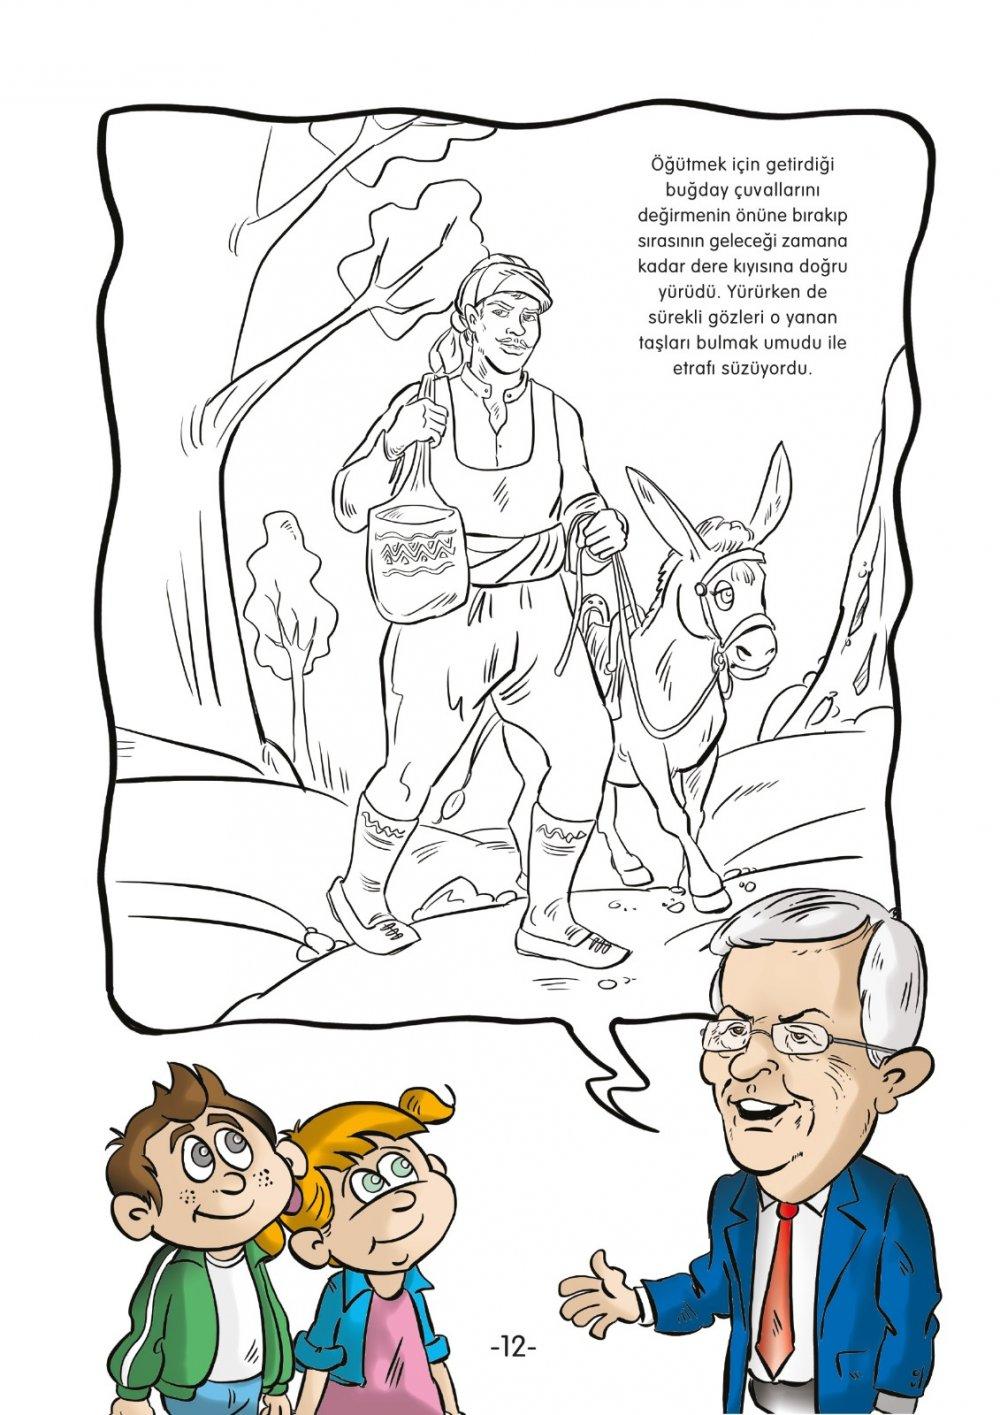 Posbiyik Tan Cocuklara Uzun Mehmet Kitabi